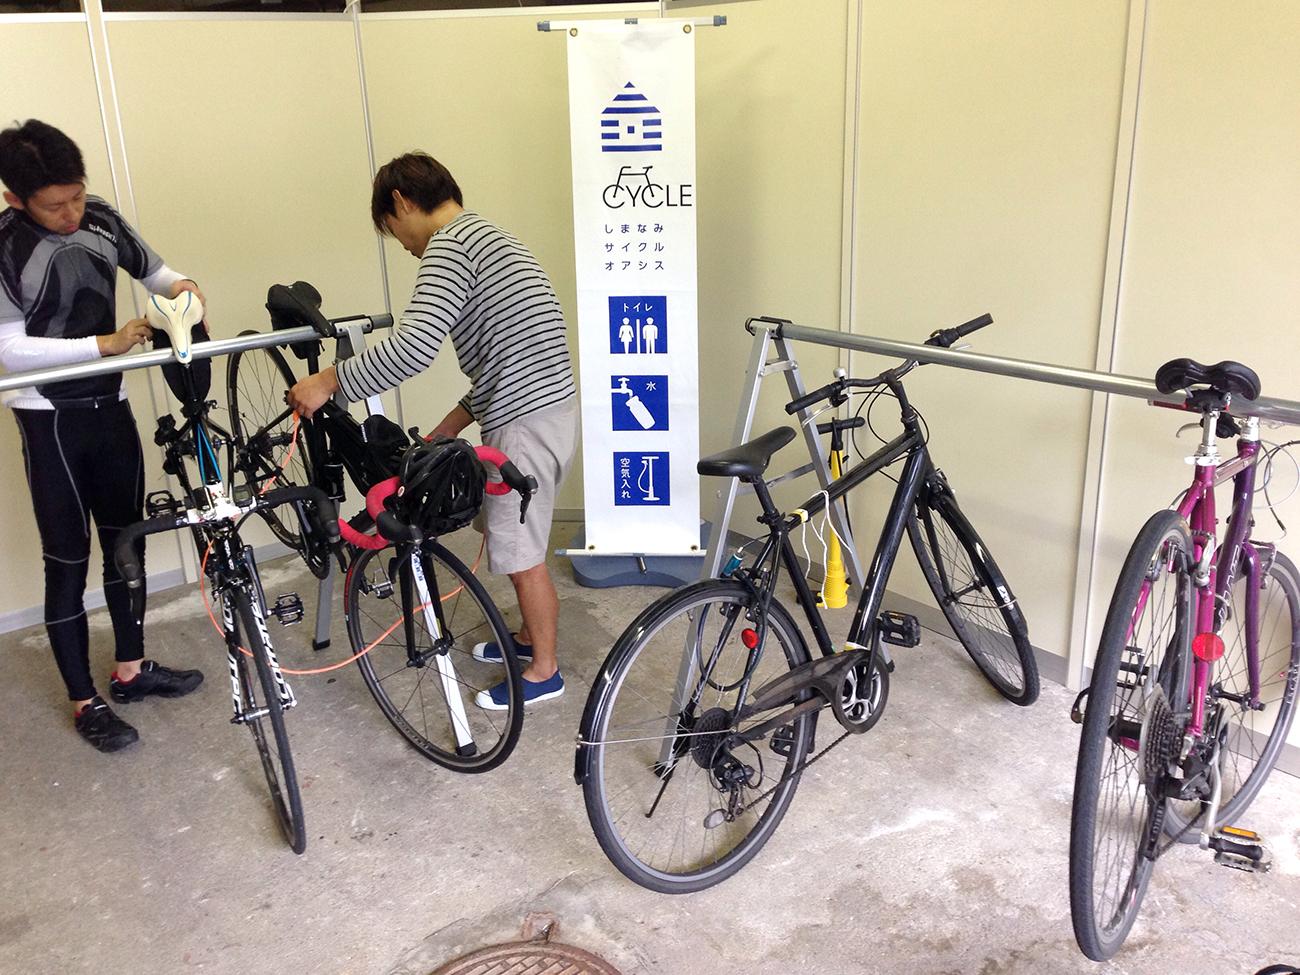 尾道第一ホテルの駐輪場